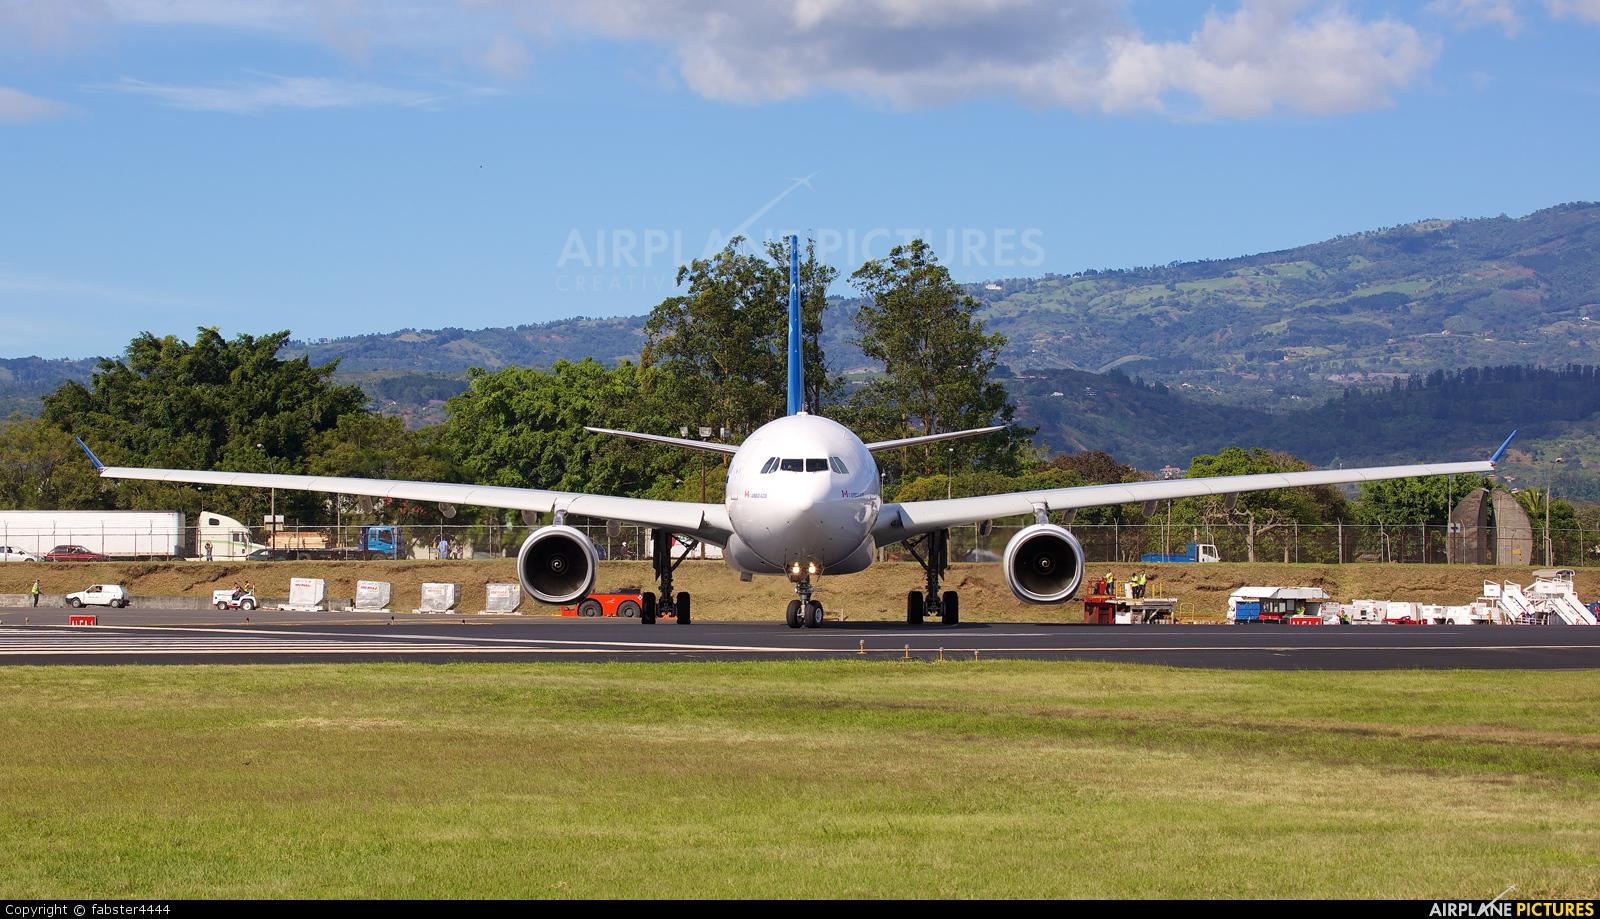 Air Transat C-GTSJ aircraft at San Jose - Juan Santamaría Intl